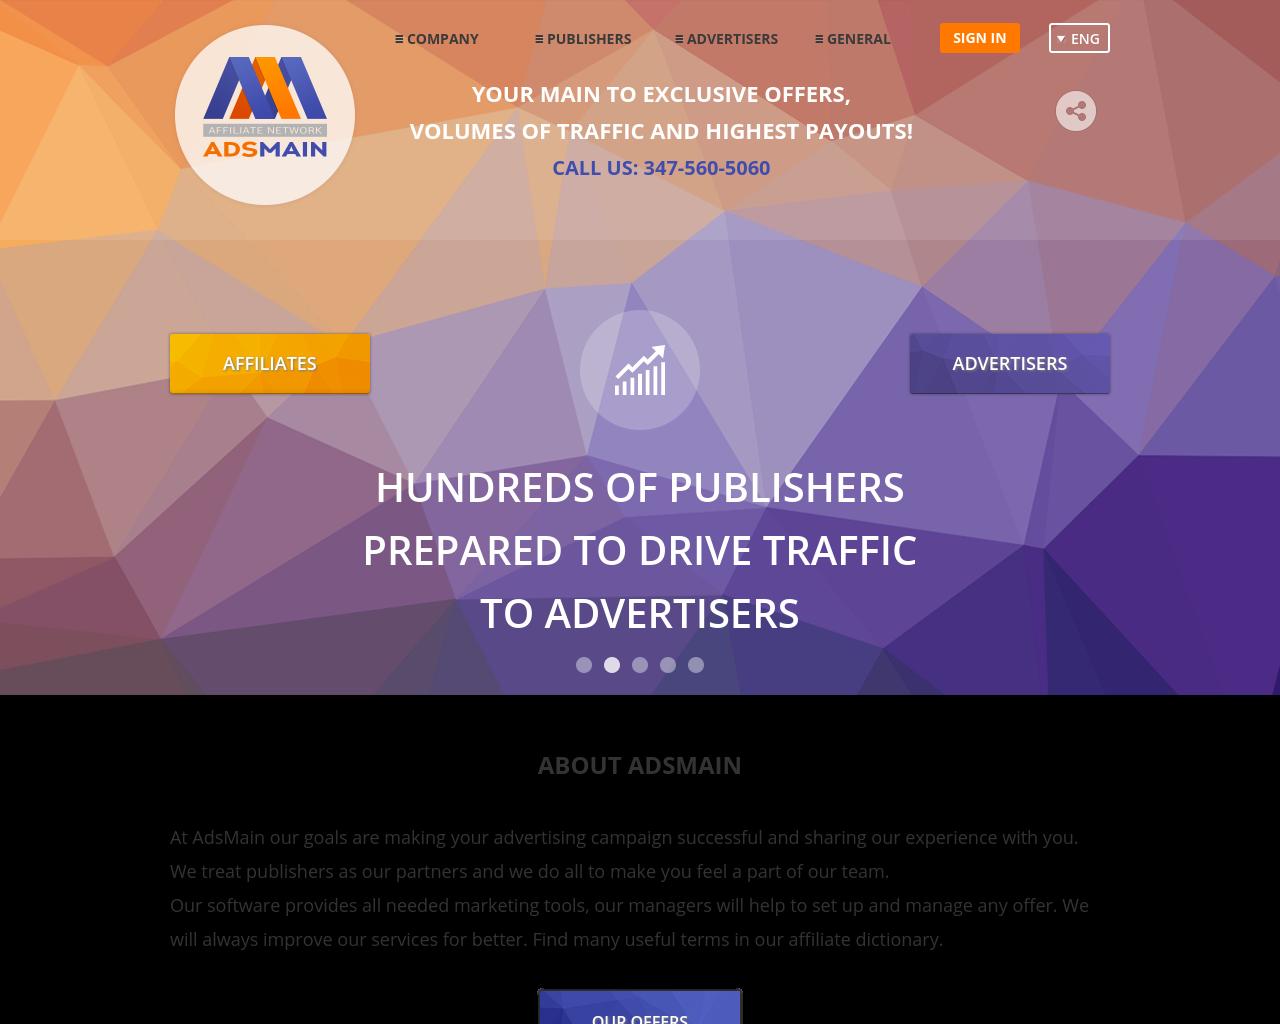 AdsMain-Advertising-Reviews-Pricing